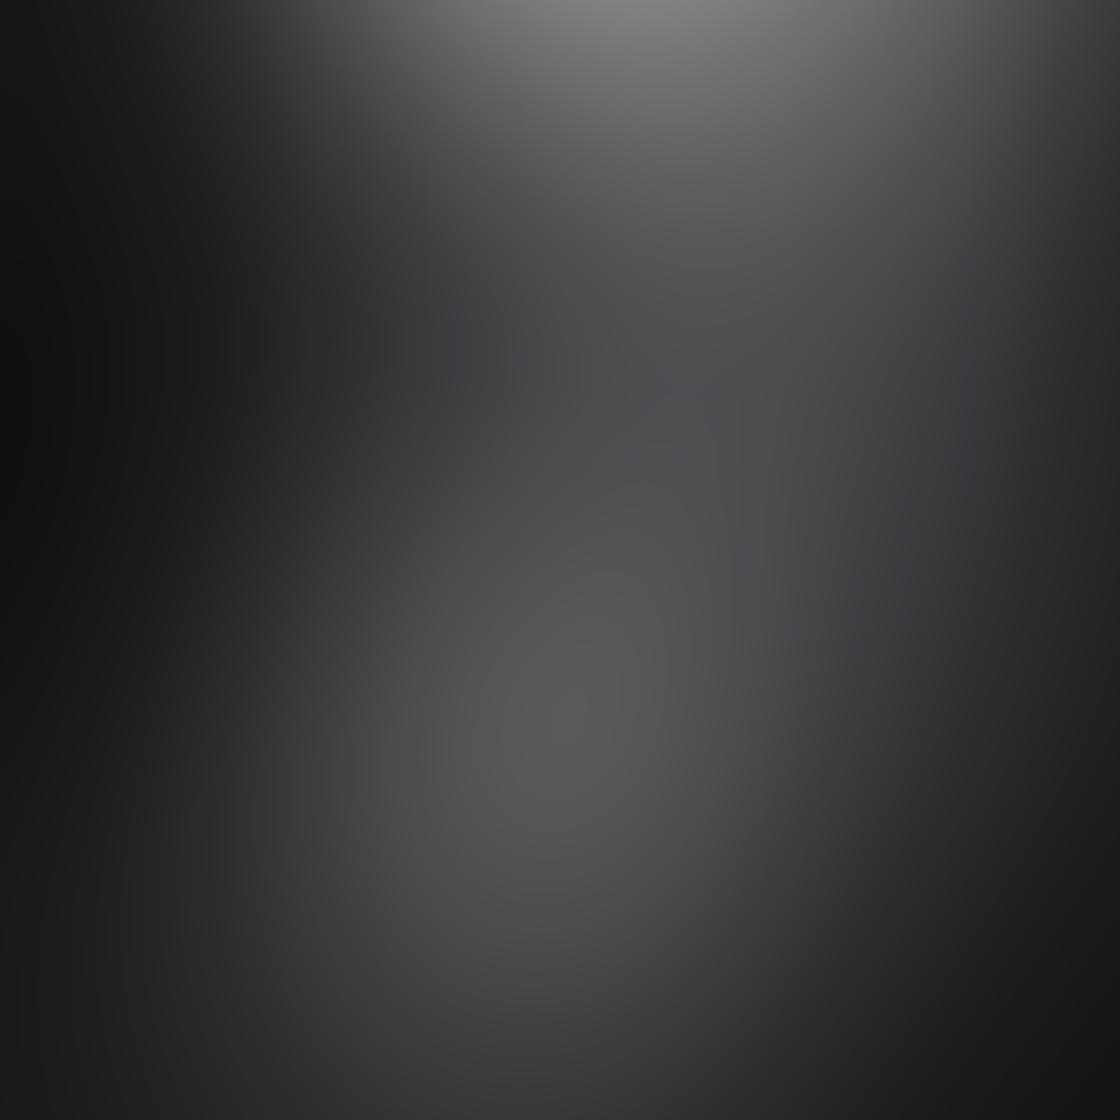 iPhone Empty Space Photo 17